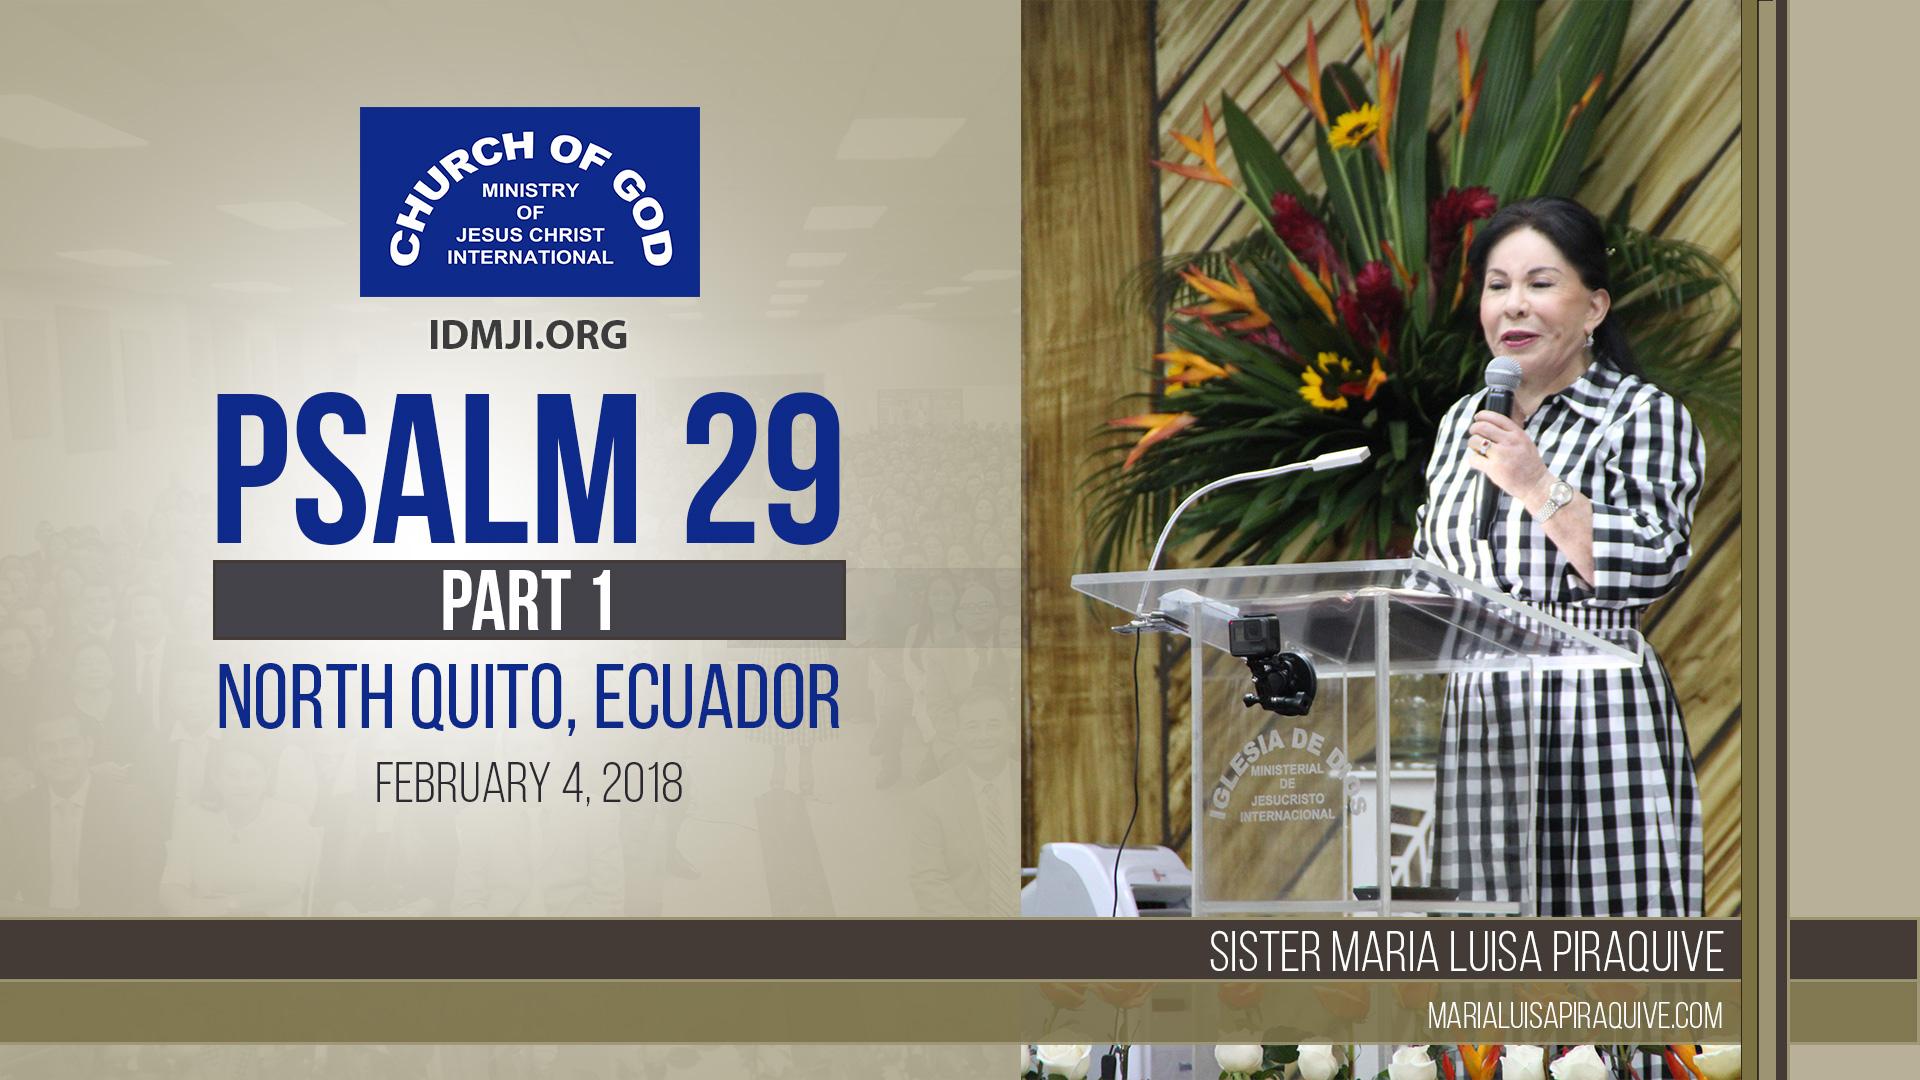 Psalm 29 – Part 1 (North Quito, Ecuador)